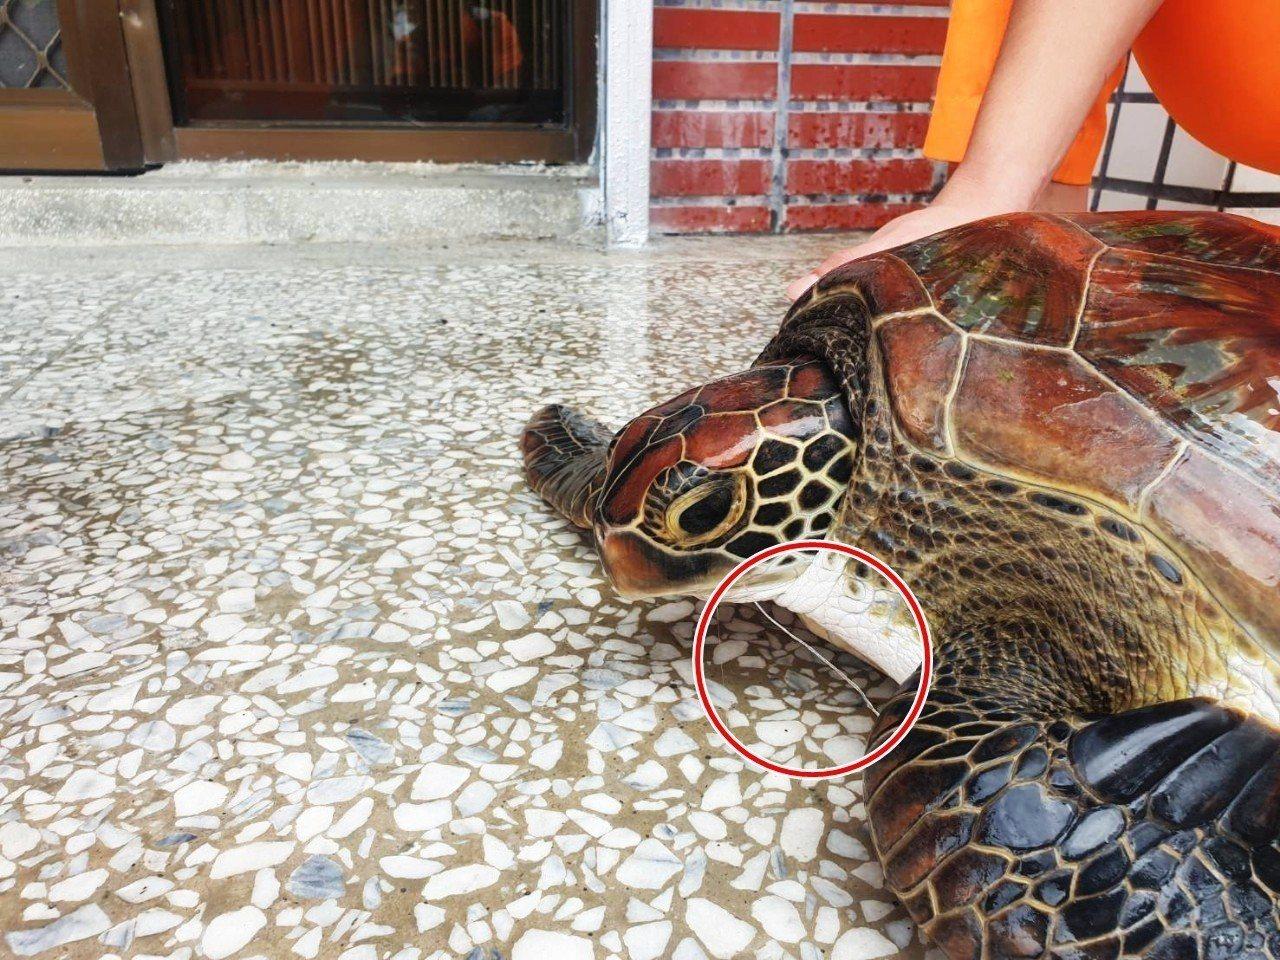 在香蘭沙灘被發現的綠蠵龜因嘴上還留有魚鉤及釣魚線,很可能是釣客誤釣上岸,再向安檢...